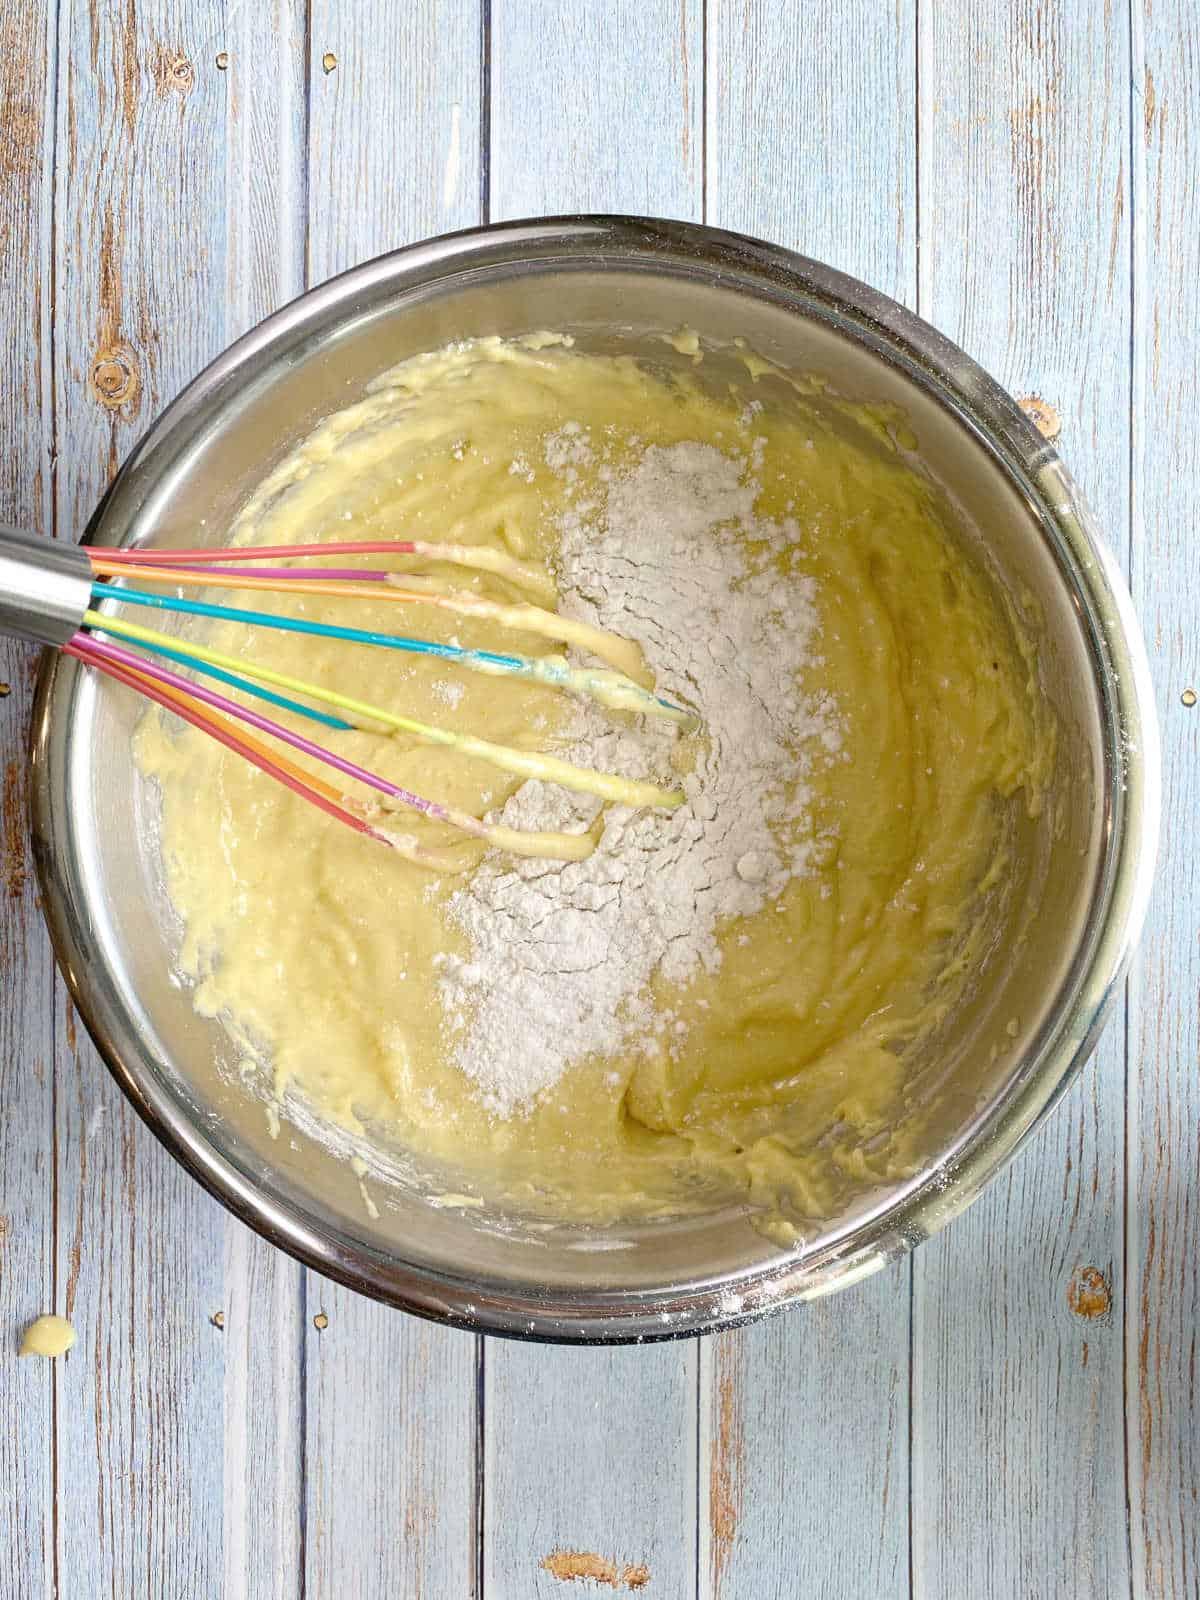 Farinha e fermento sendo acrescentados à mistura de laranja em uma tigela